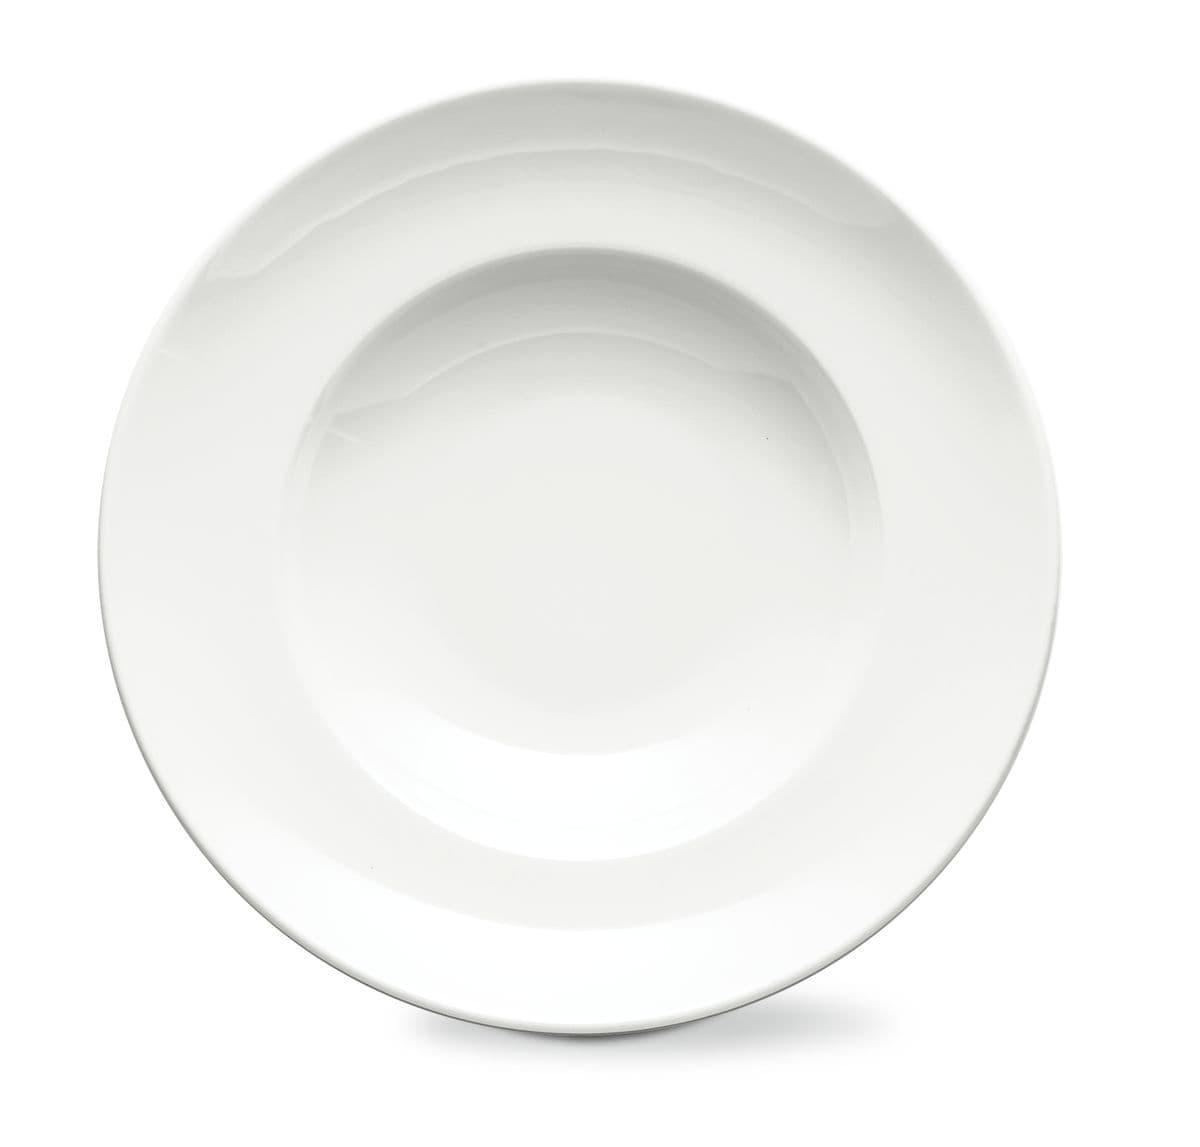 Cucina & Tavola CLASSIC Pastateller